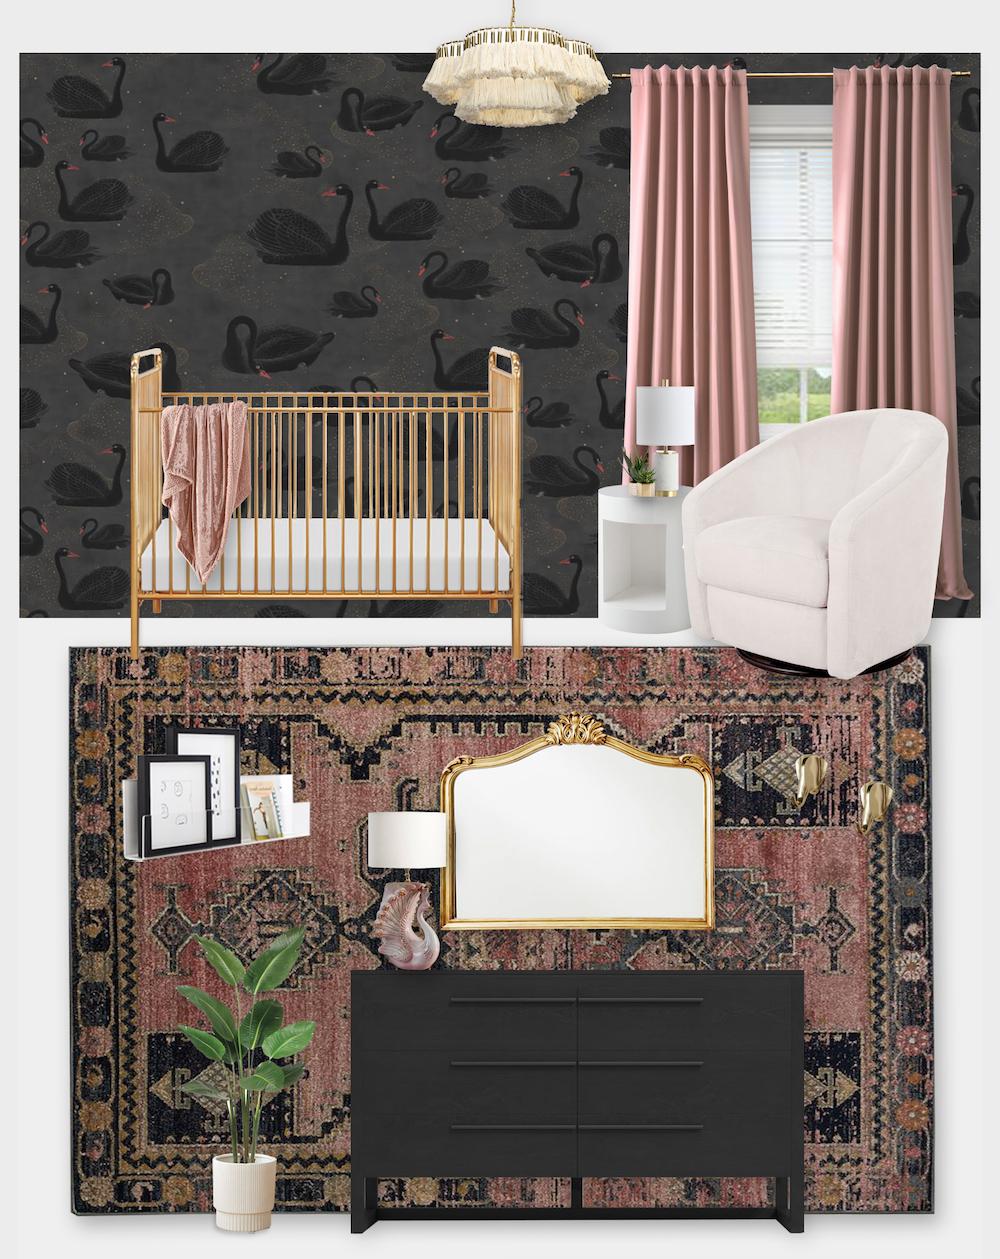 Black Swan Nursery by Little Crown Interiors